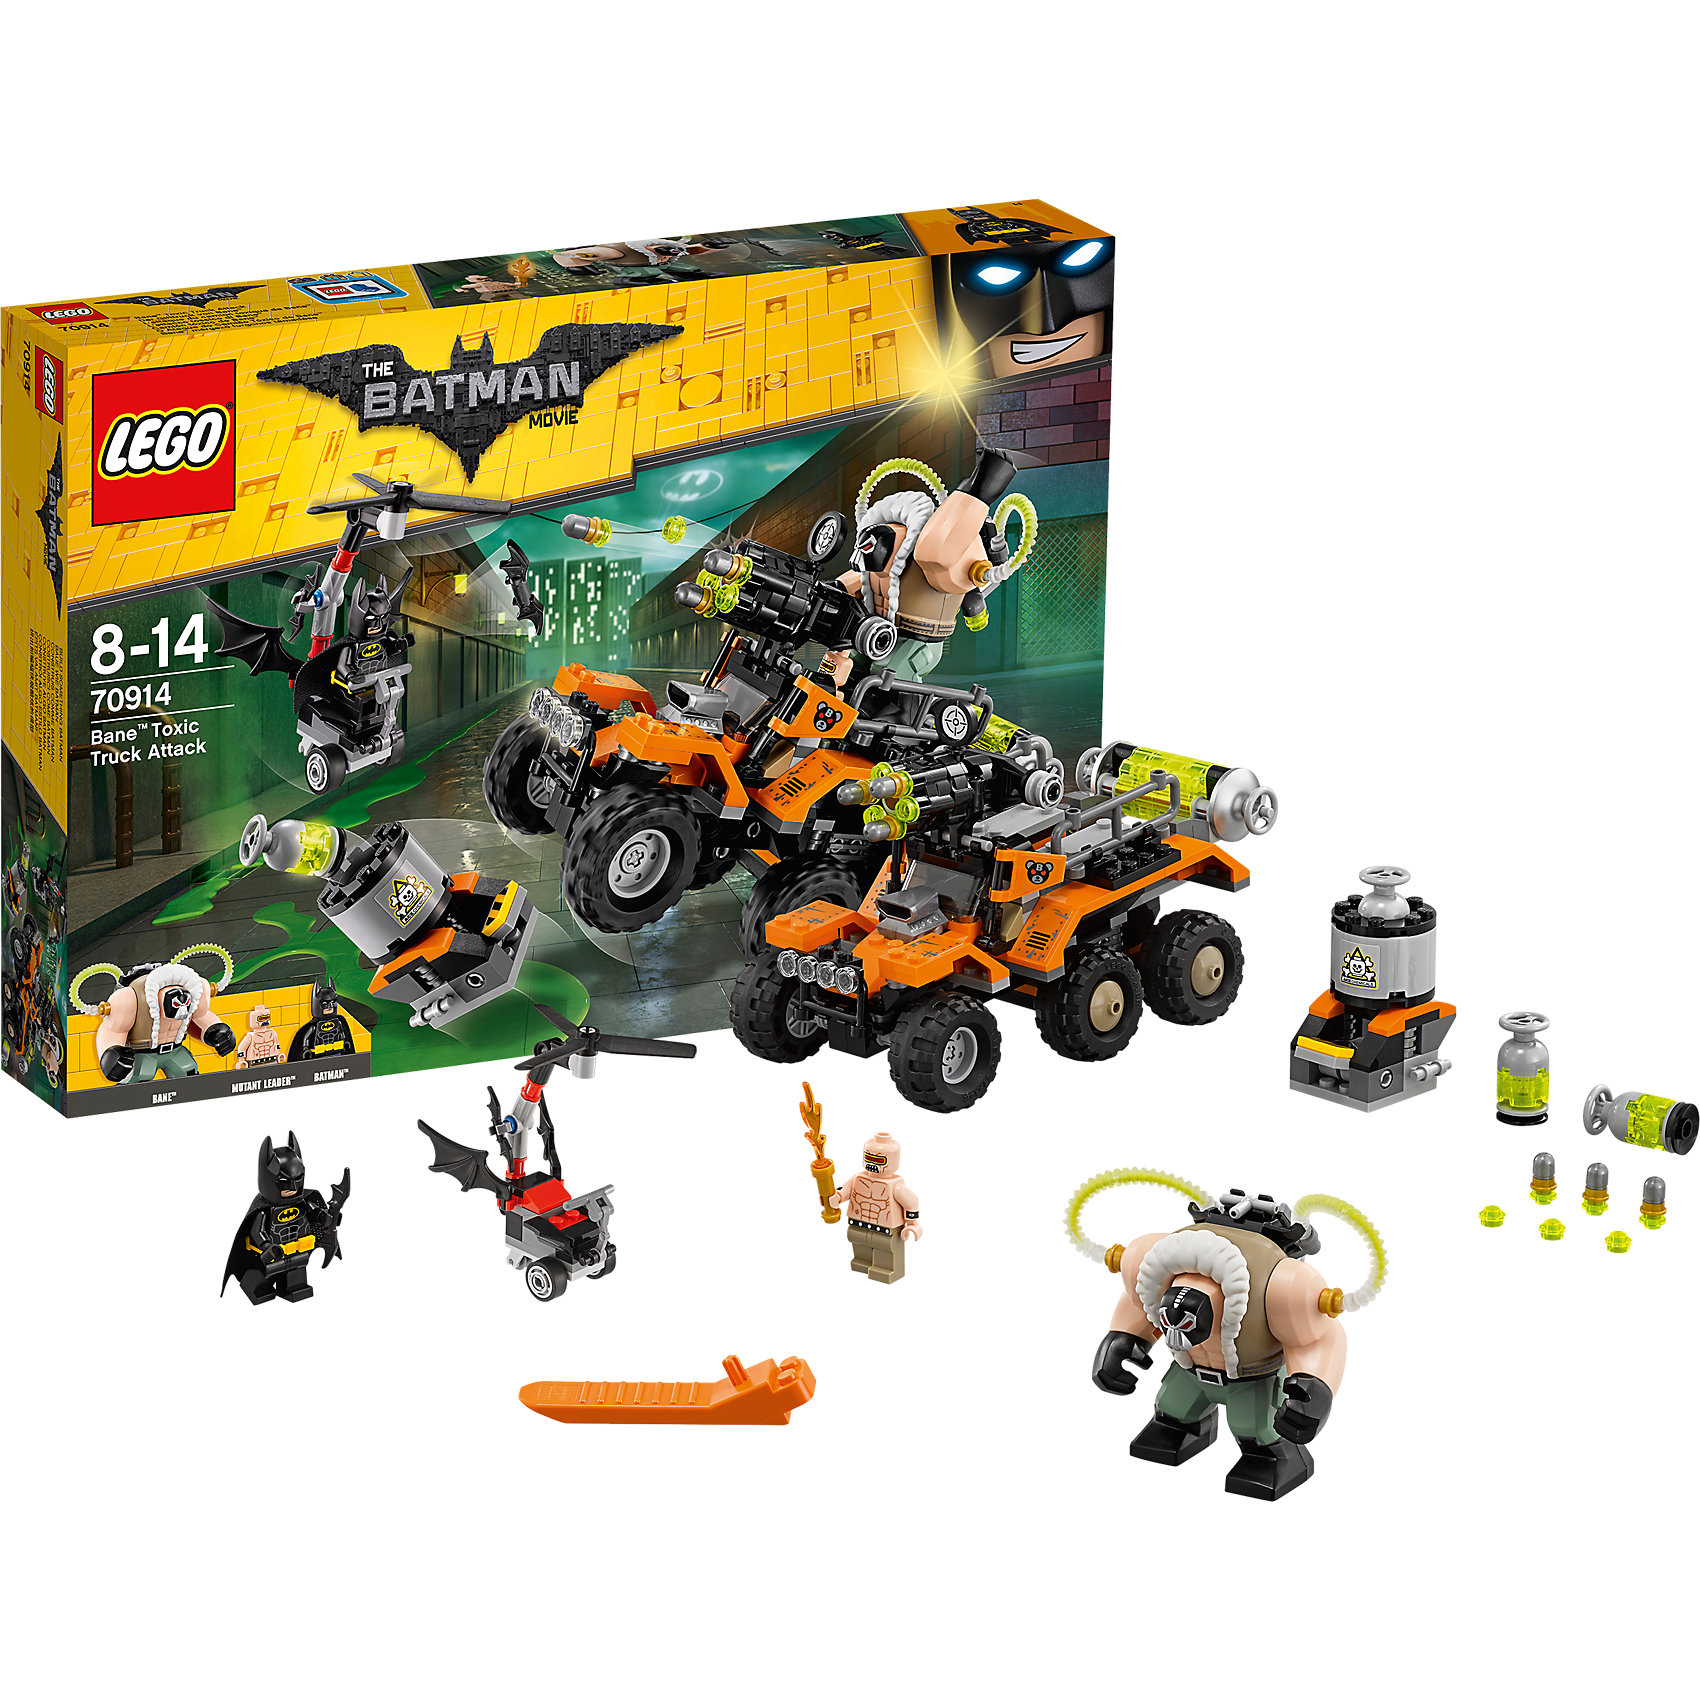 LEGO Batman Movie 70914: Химическая атака БэйнаПластмассовые конструкторы<br><br><br>Ширина мм: 382<br>Глубина мм: 266<br>Высота мм: 63<br>Вес г: 585<br>Возраст от месяцев: 96<br>Возраст до месяцев: 168<br>Пол: Мужской<br>Возраст: Детский<br>SKU: 5620008